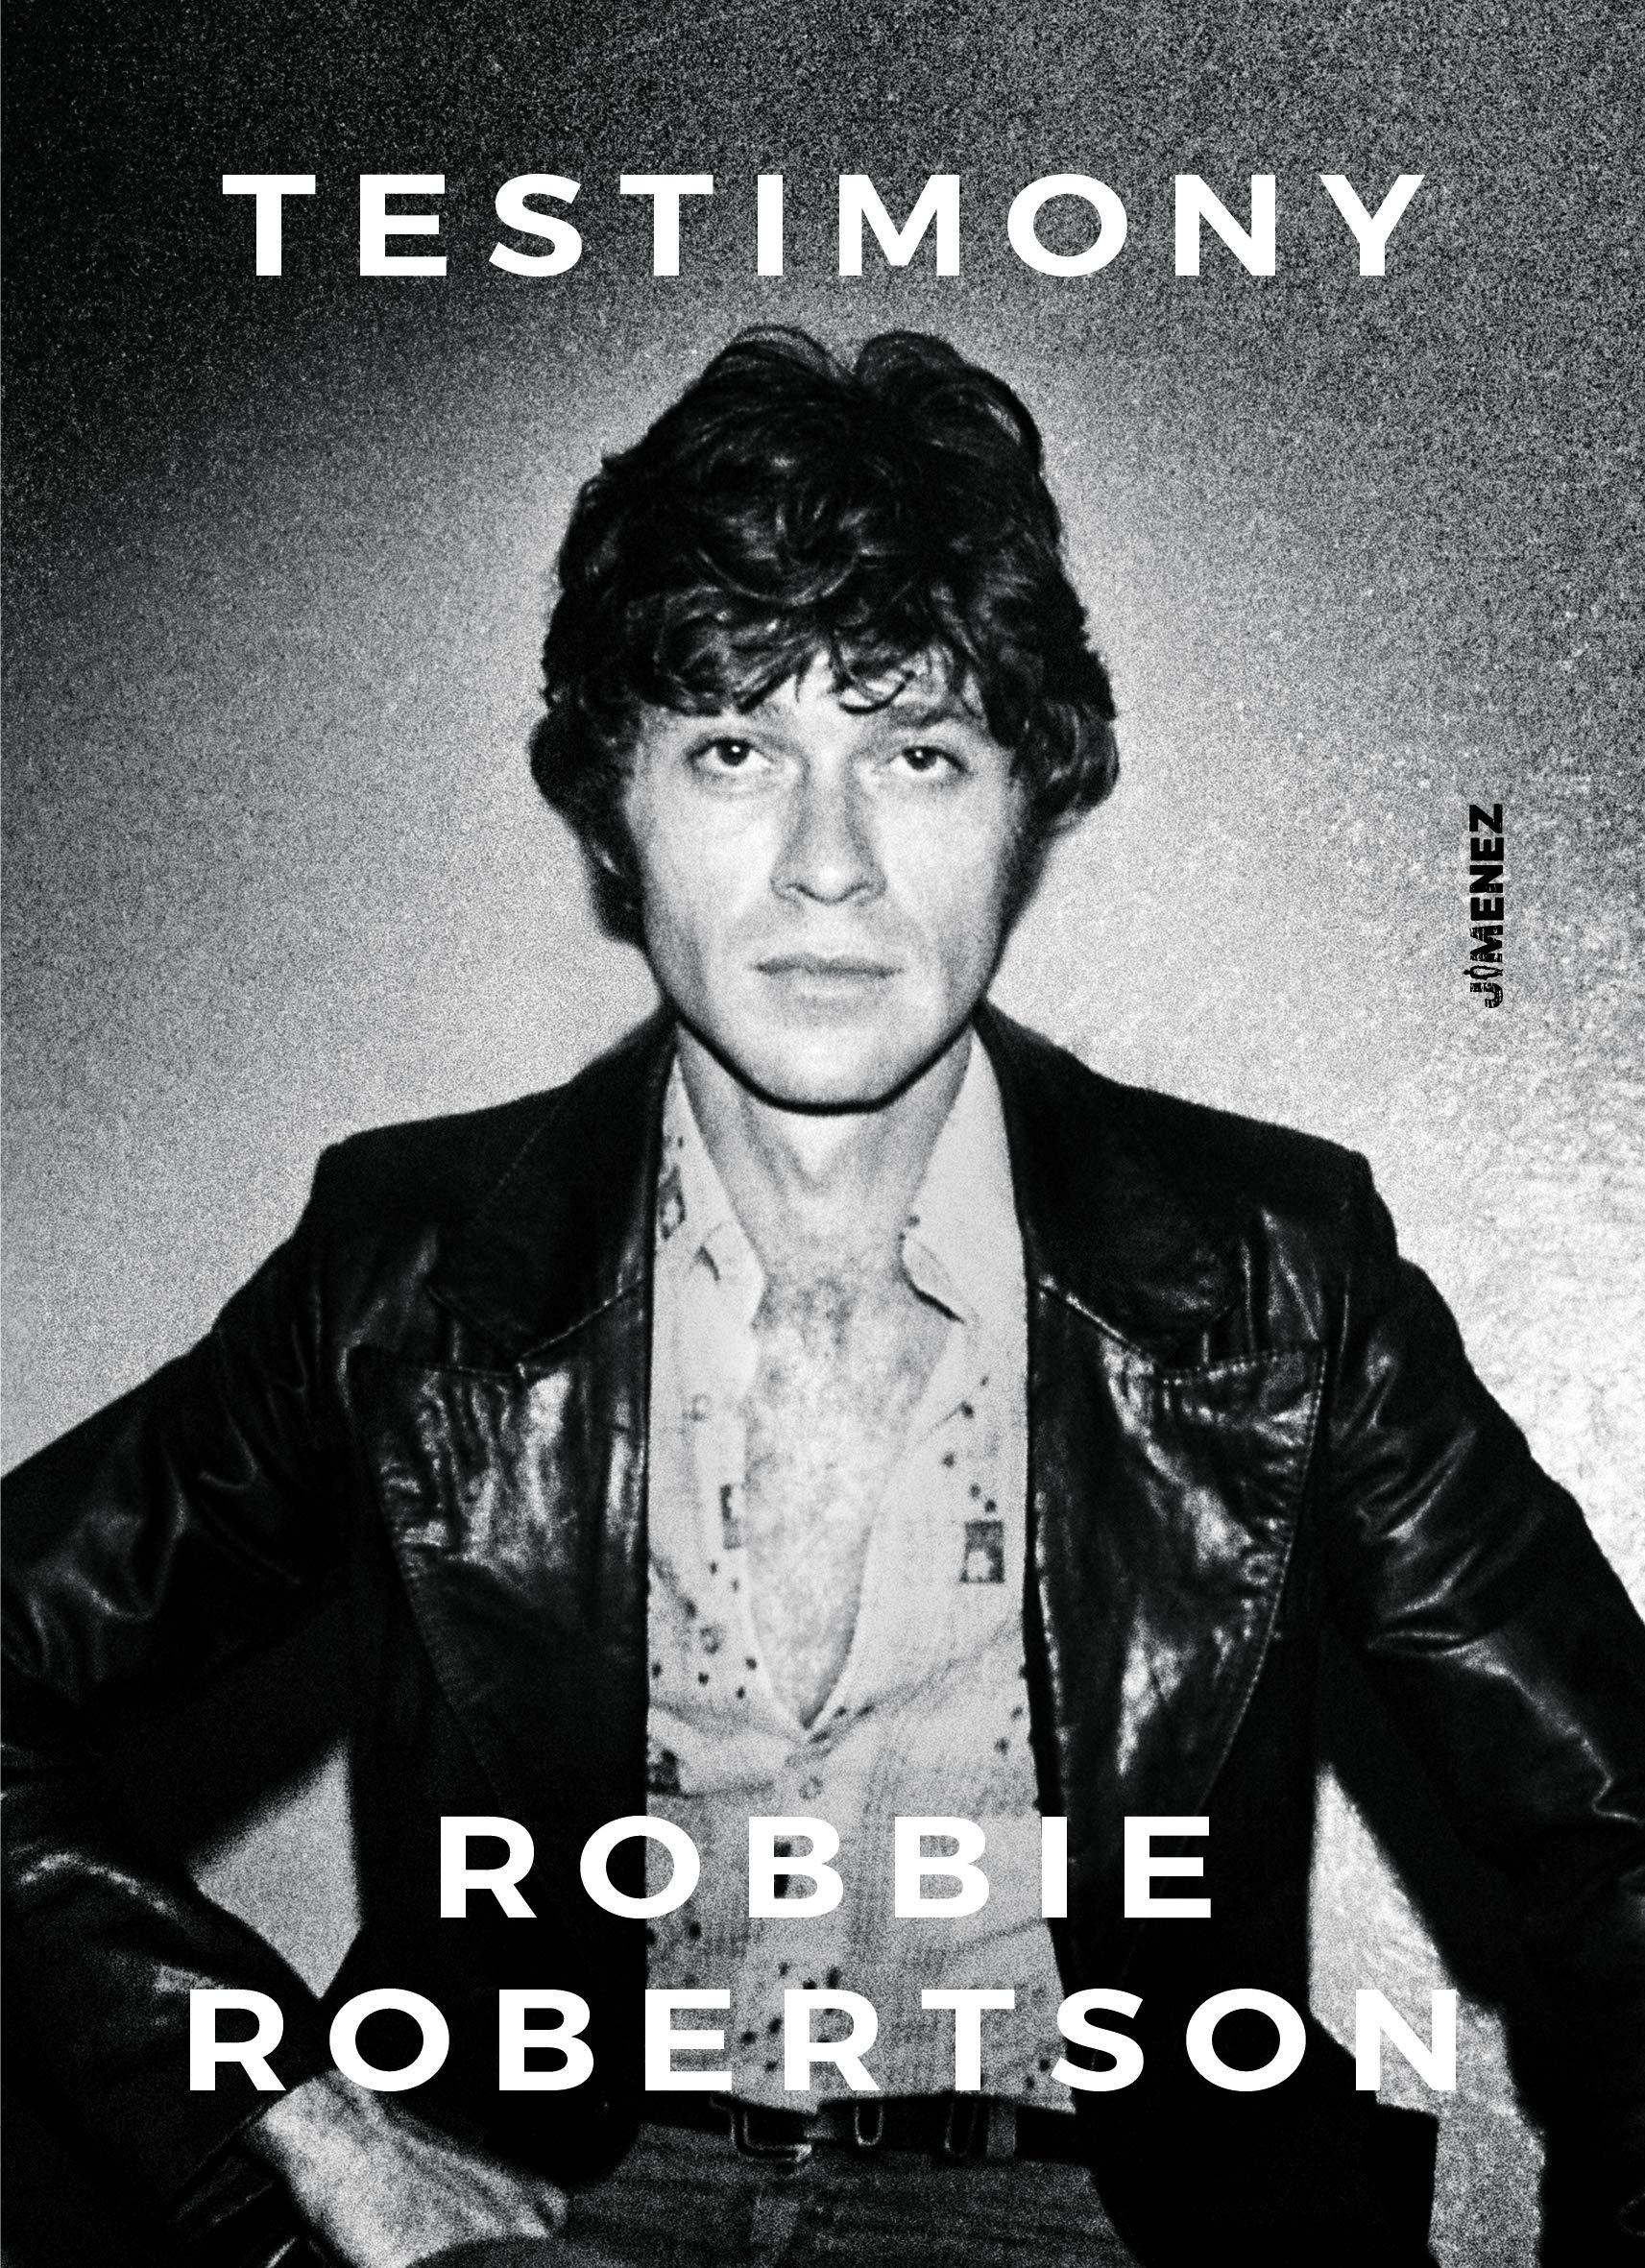 Amazon.it: Testimony - Robertson, Robbie, Testani, G. - Libri